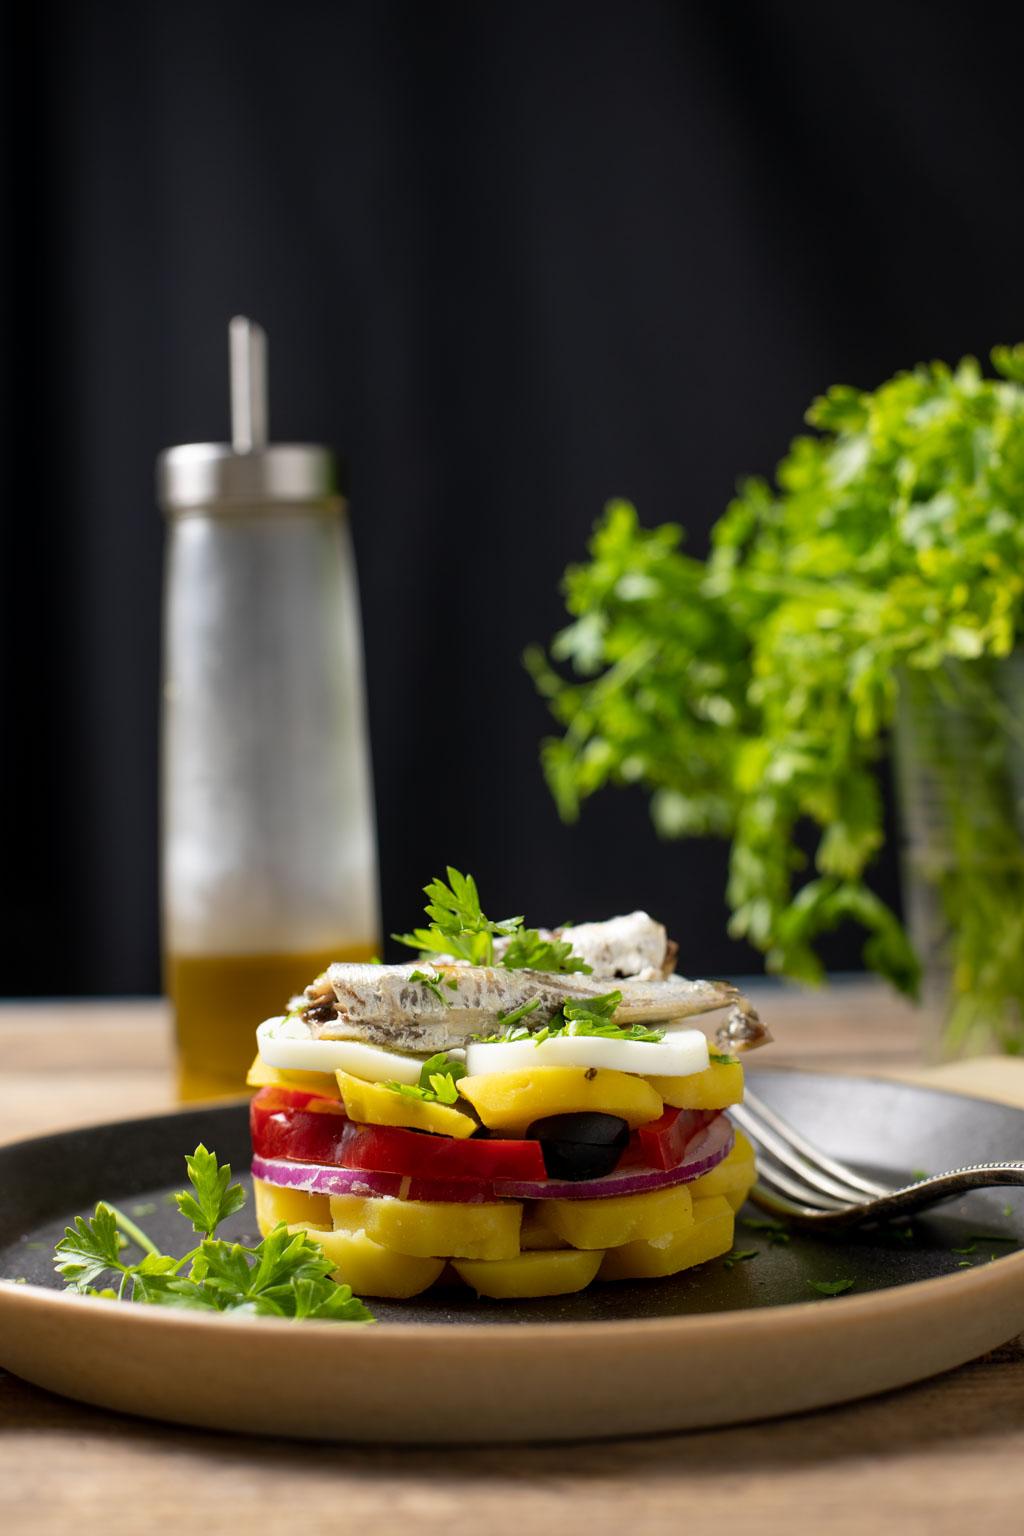 ensalada de verano con papa negra y sardinillas